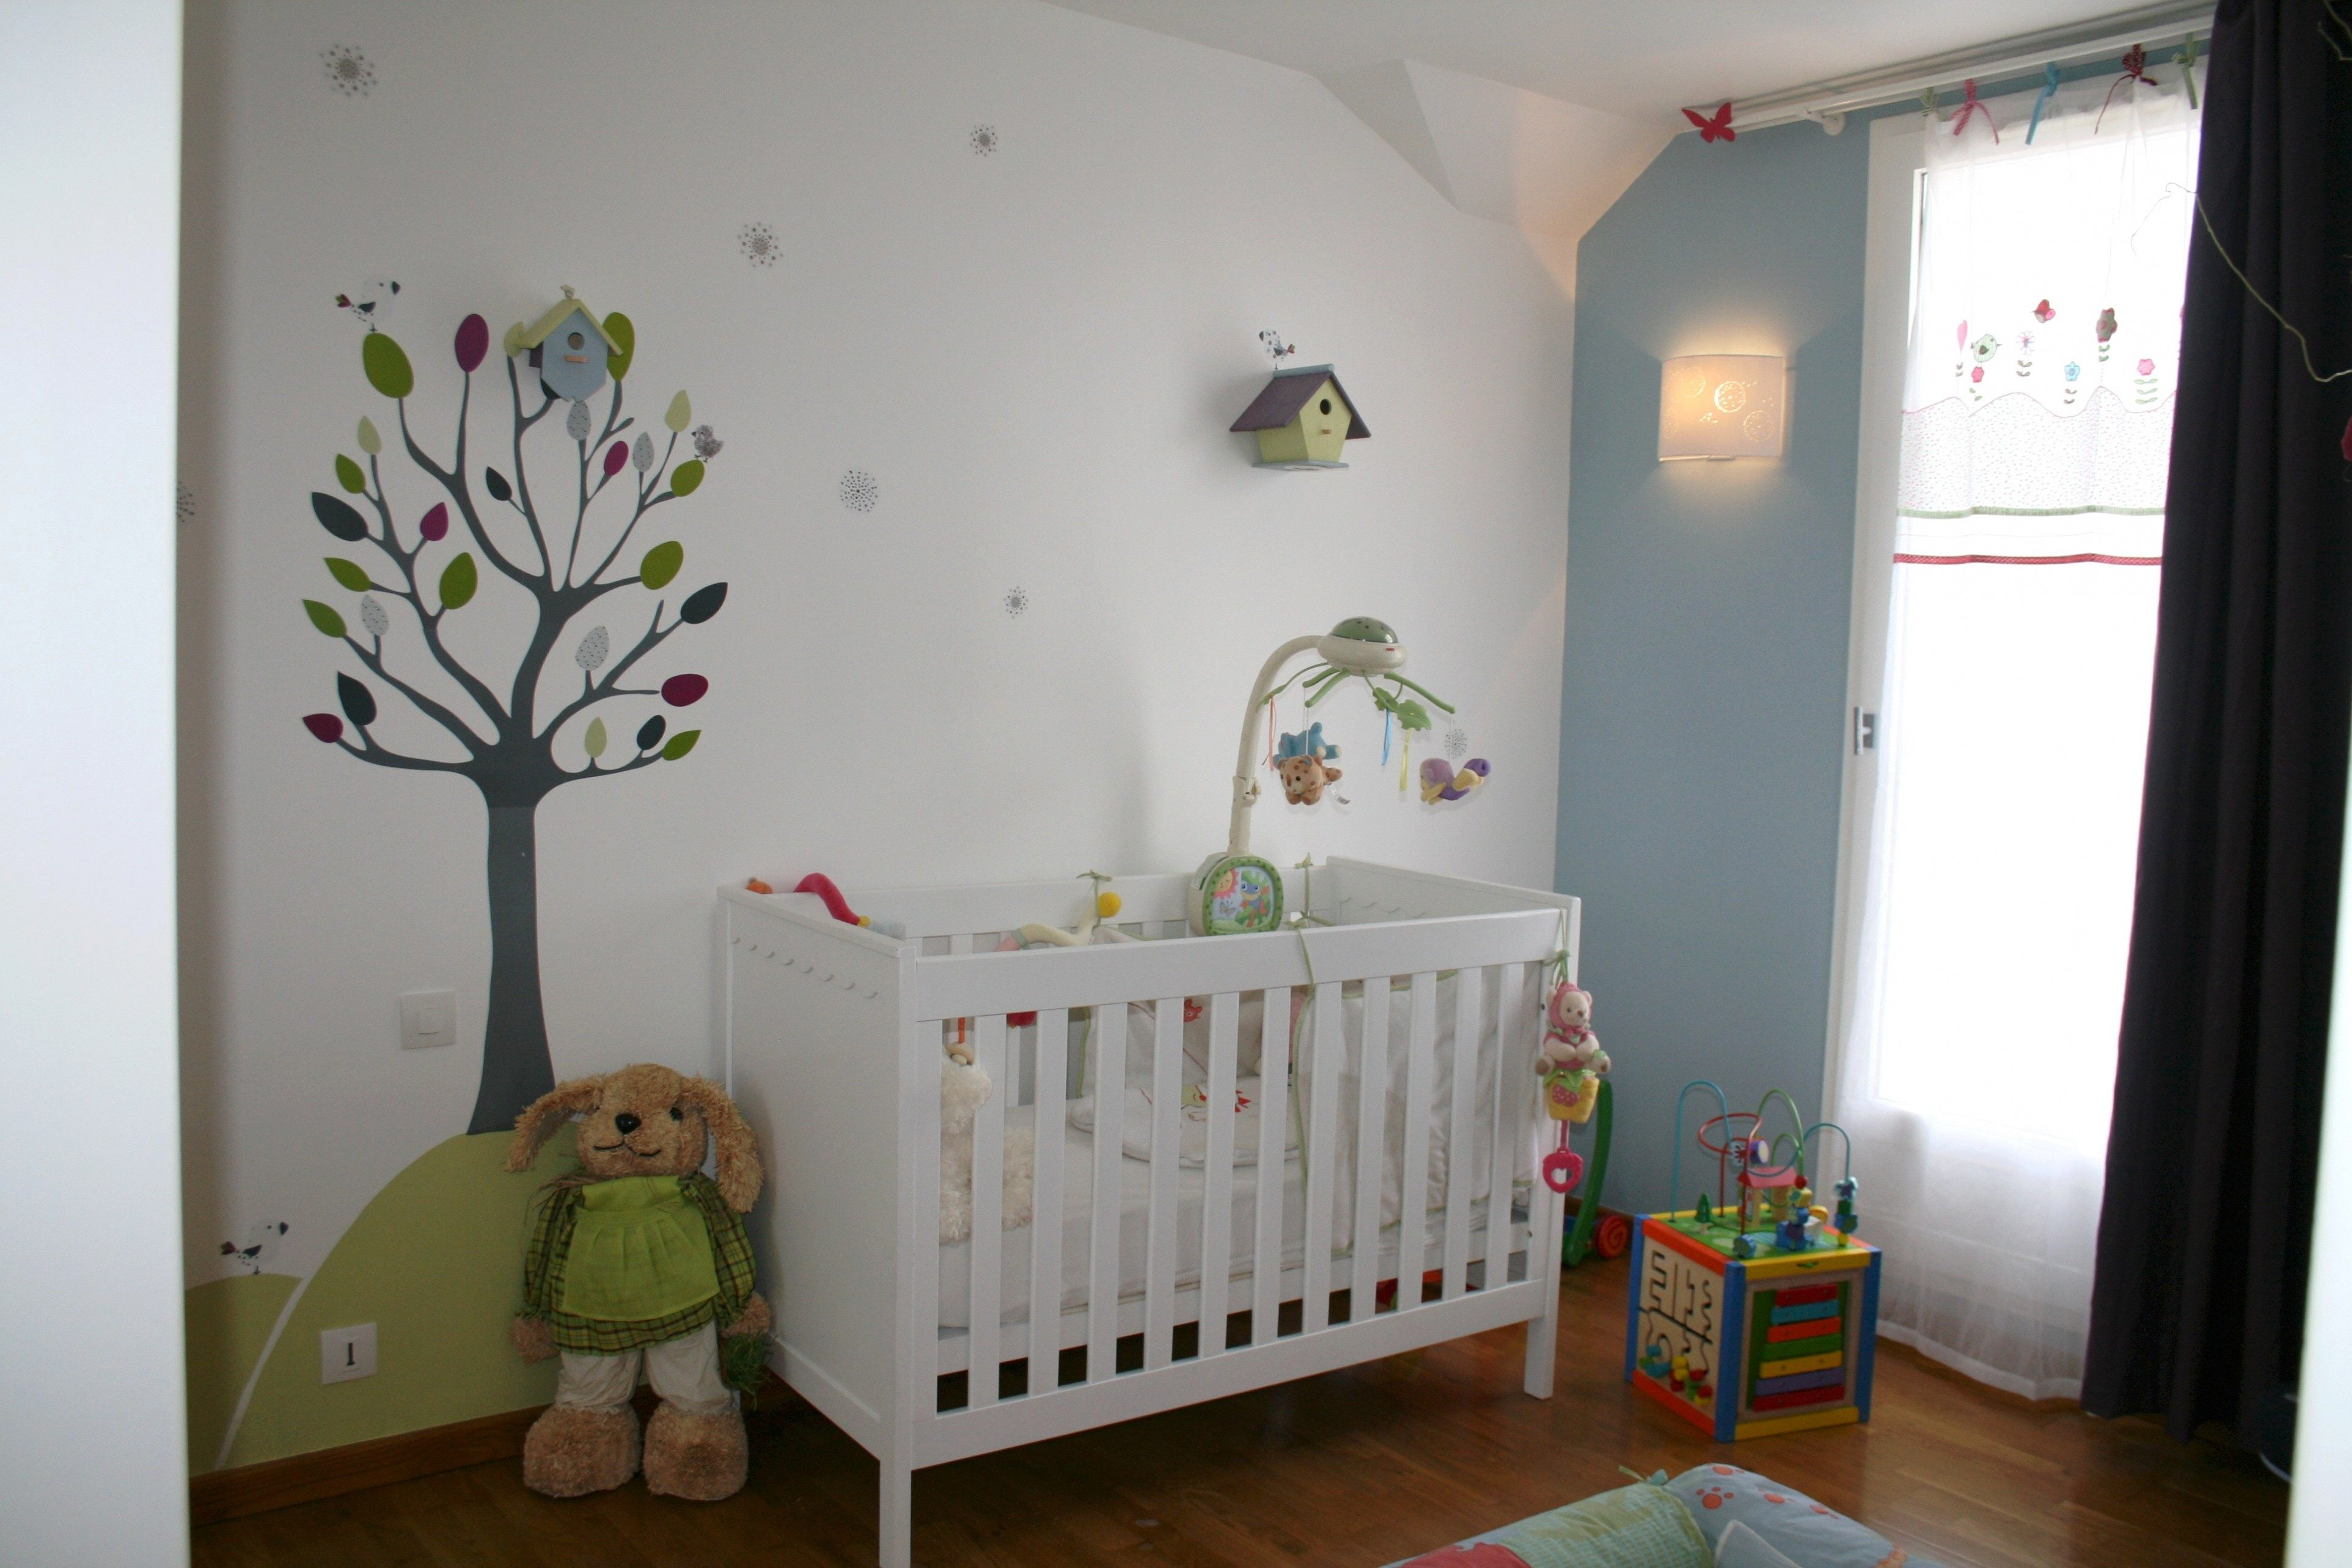 Lit Bébé à Barreaux Frais Lit De Bébé Transformable 25 Charmant Lit Bébé Auchan – Meubles Ardena